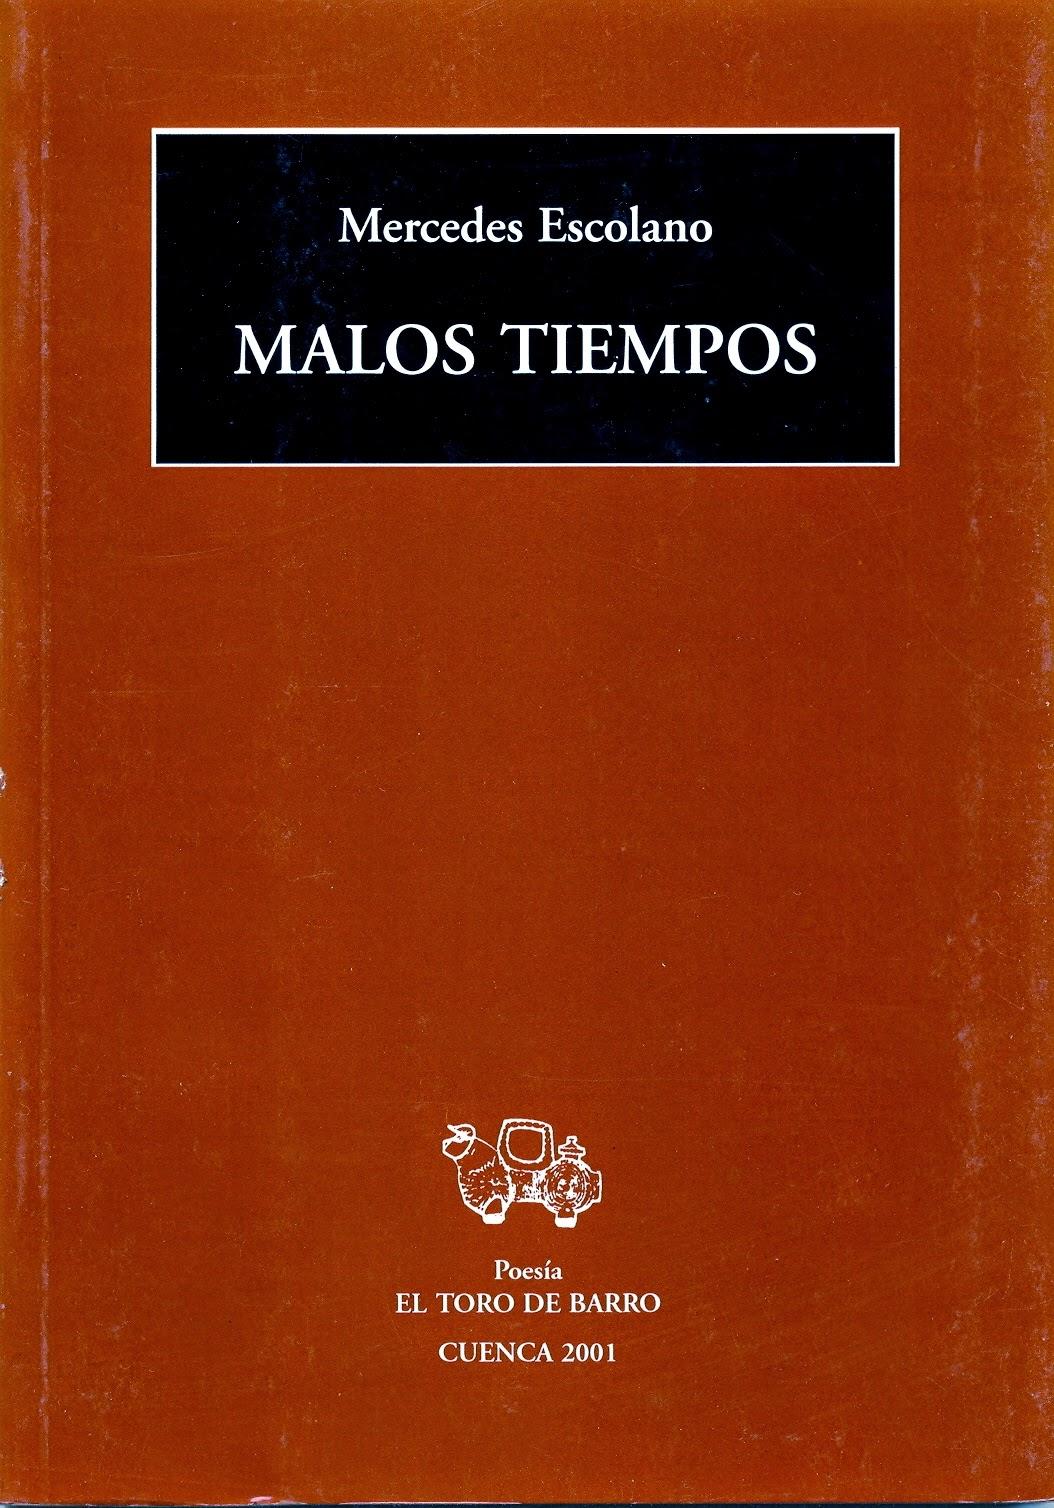 Mercedes Escolano, «Malos tiempos» Ed. El Toro de Barro, Carlos Morales del Coso, ed. Tarancón de Cuenca, 2001. edicioneseltorodebarro@yahoo.es PVP 10 euros.